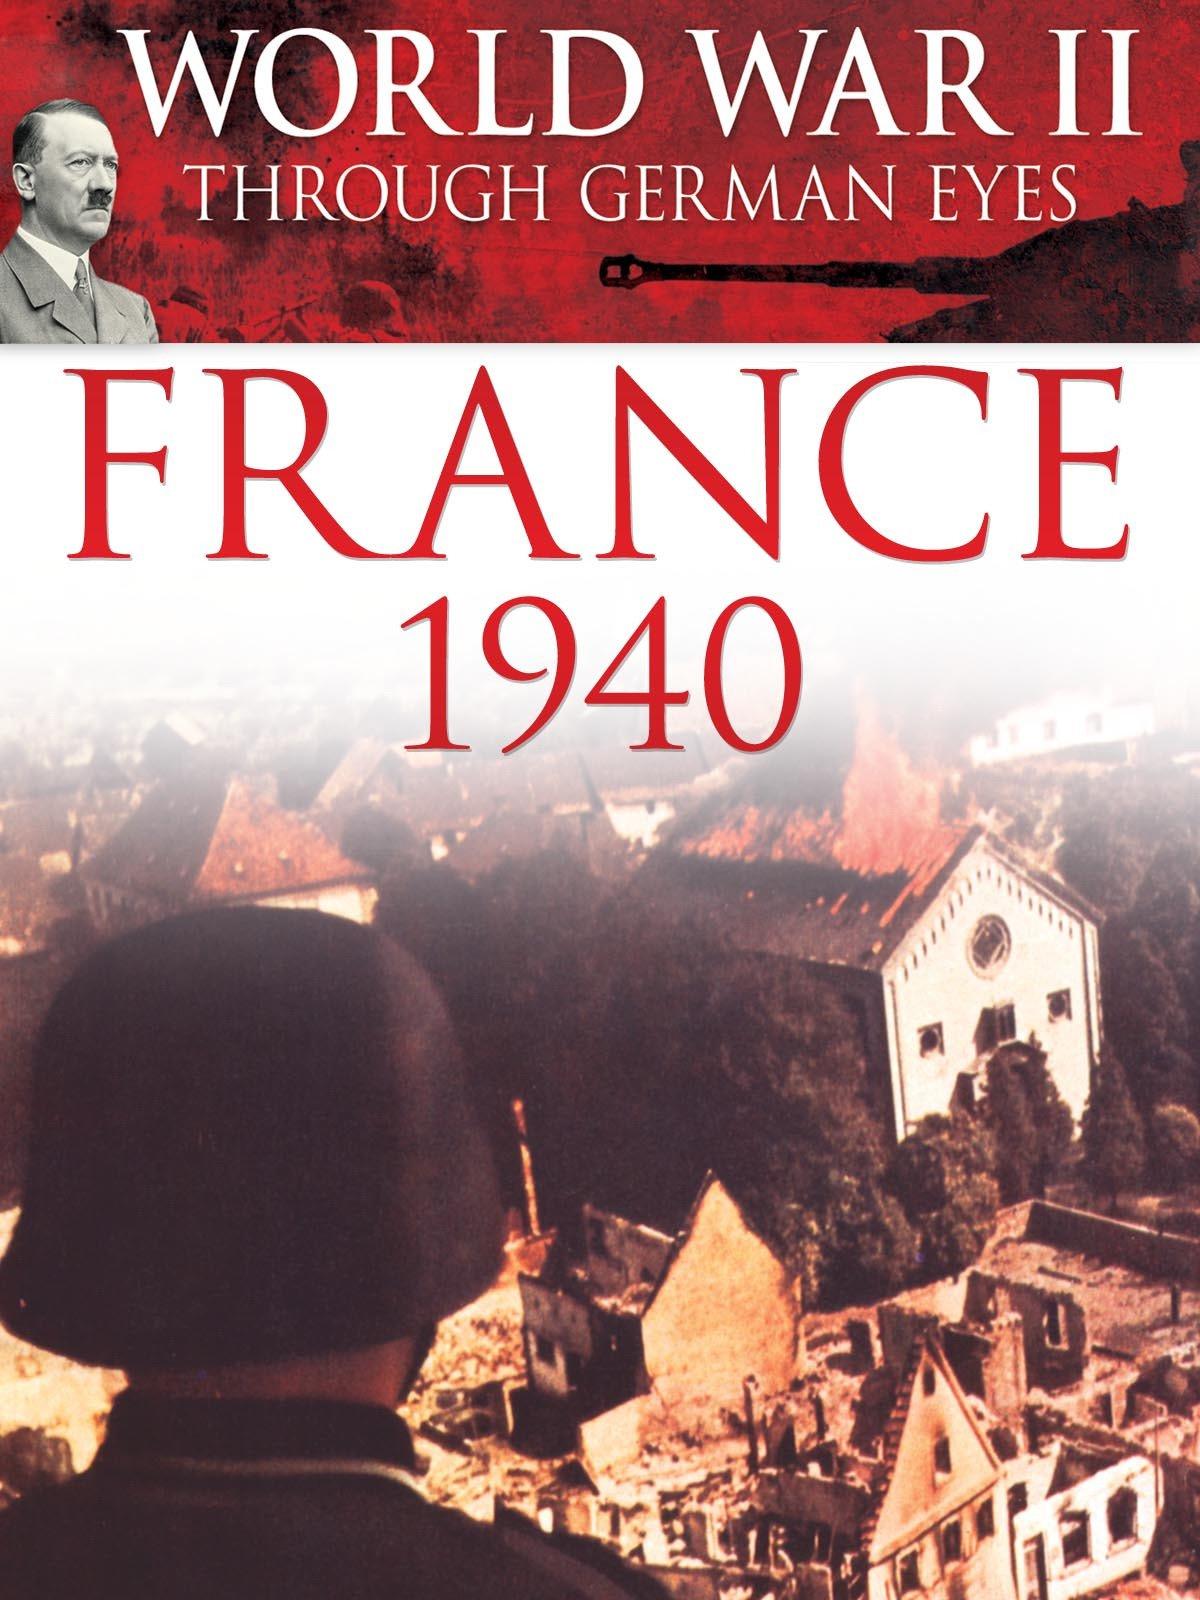 World War II Through German Eyes: France 1940 on Amazon Prime Video UK